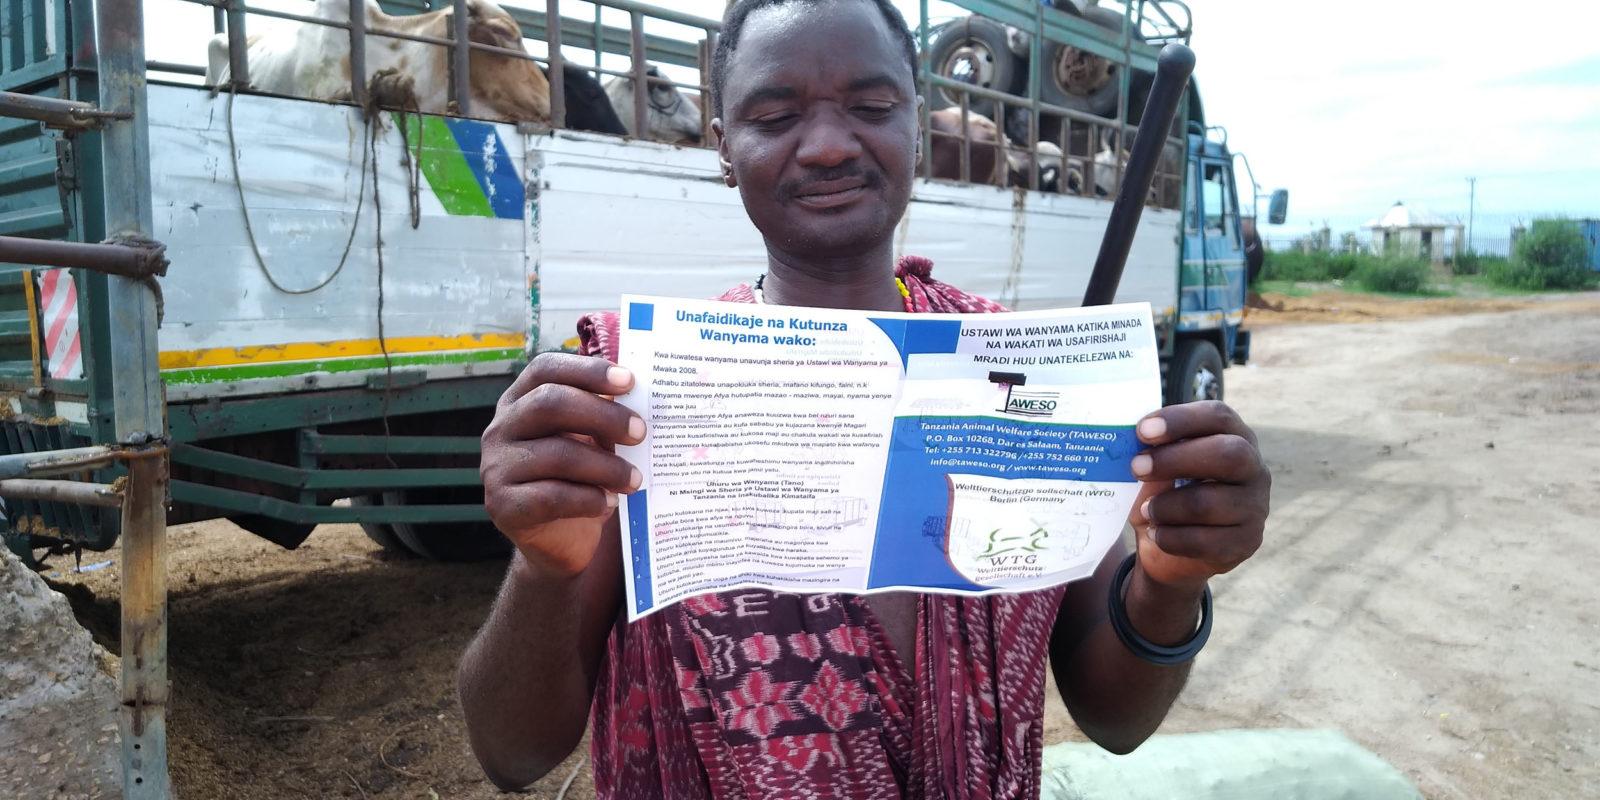 Auf den Tiermärkten informieren wir und verteilen Flyer, um die Menschen für Tierschutz zu sensibilisieren